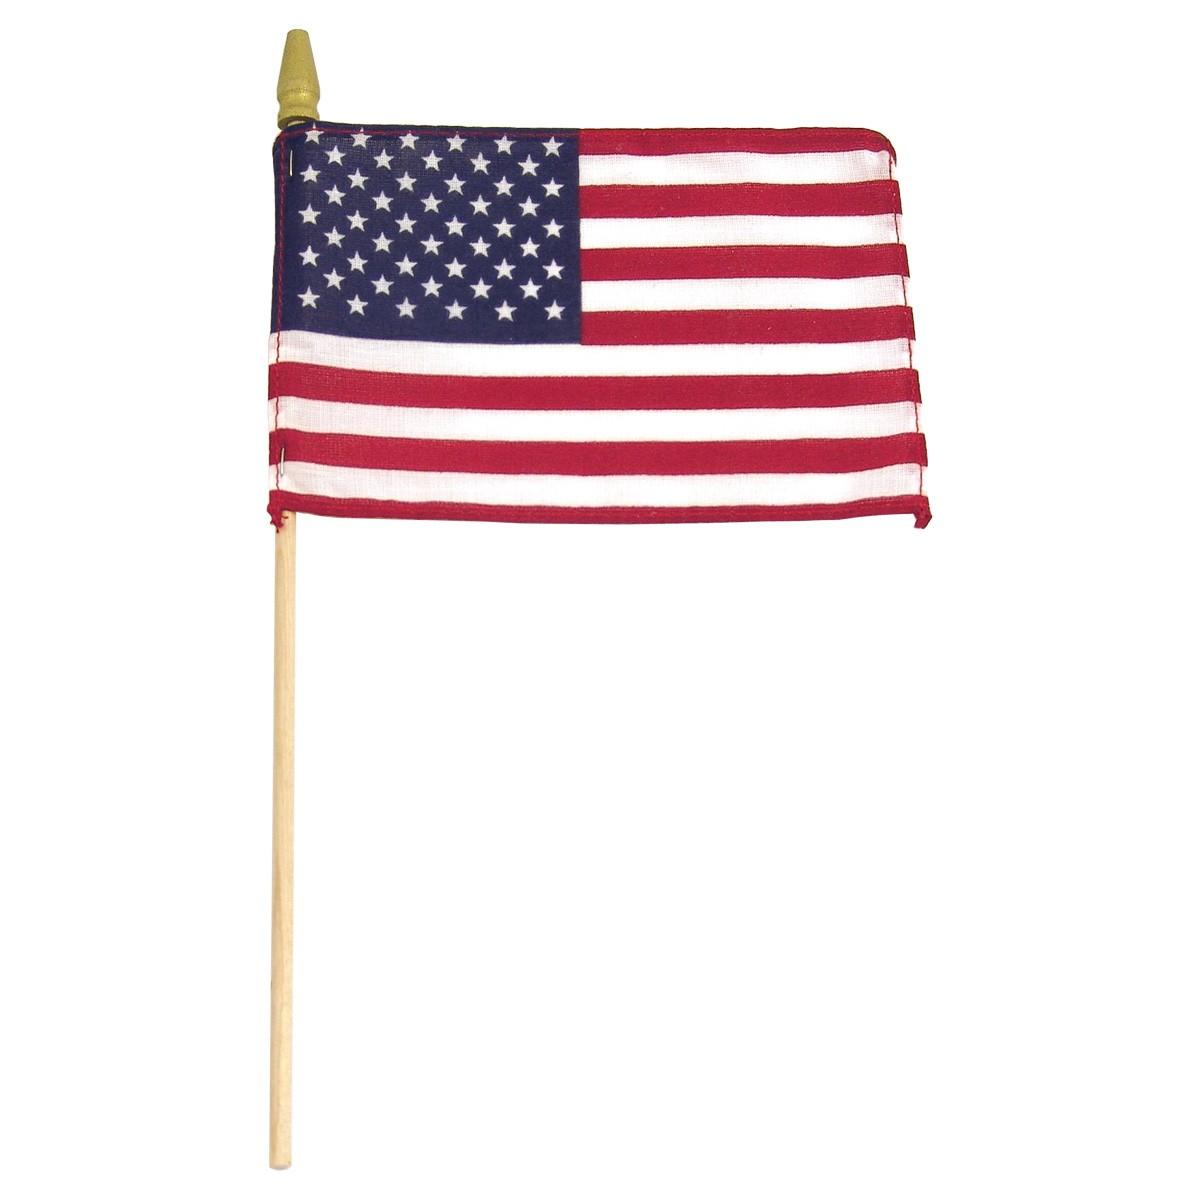 1200x1200 U.s. Stick Flag 8 X 12 W Wood Stick Spear Tip